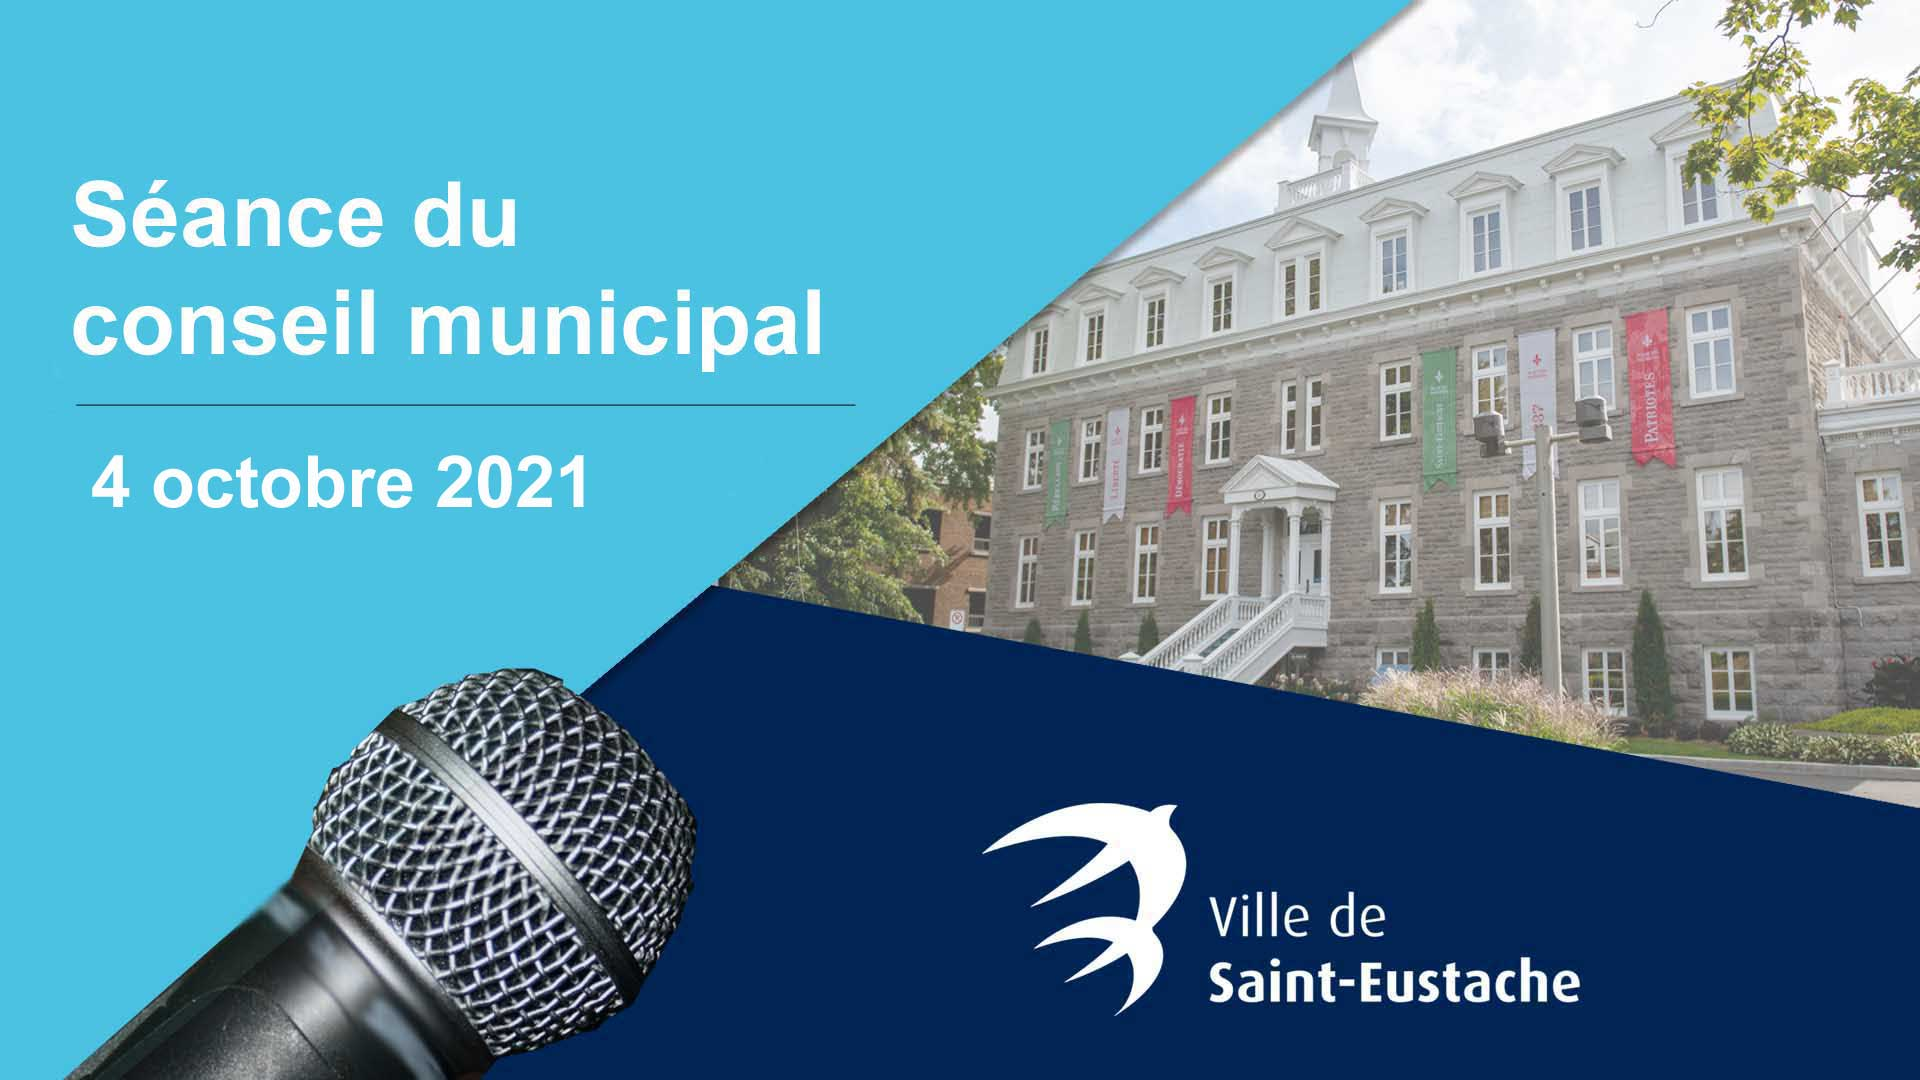 Ville de saint-Eustache - Séance ordinaire du conseil municipal à huis clos le 4 octobre 2021